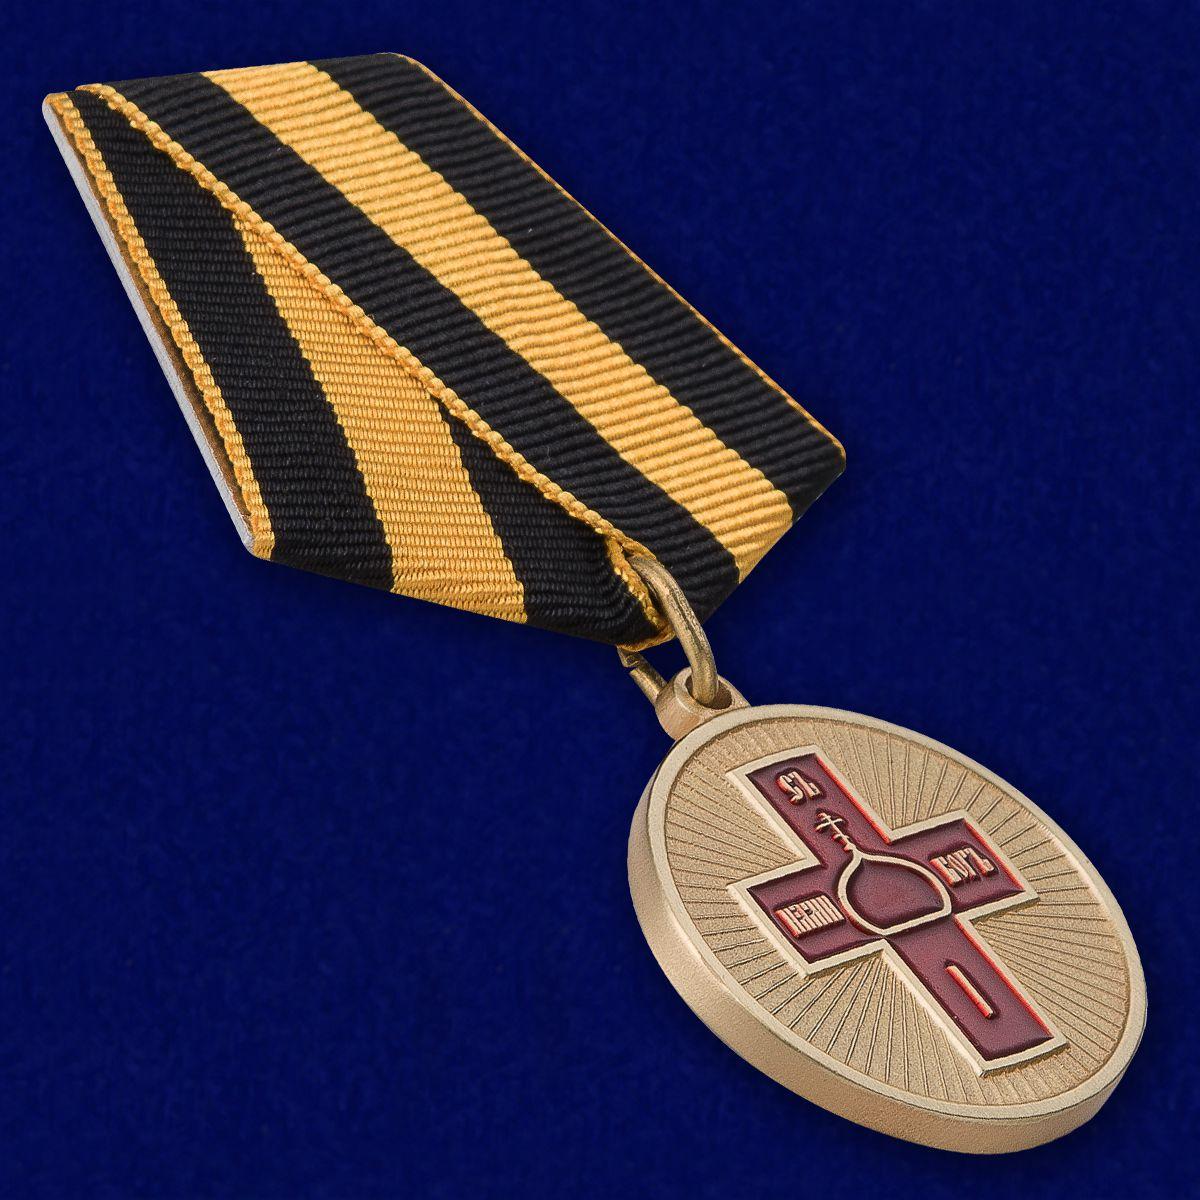 Медаль Дело Веры 1 степени - общий вид